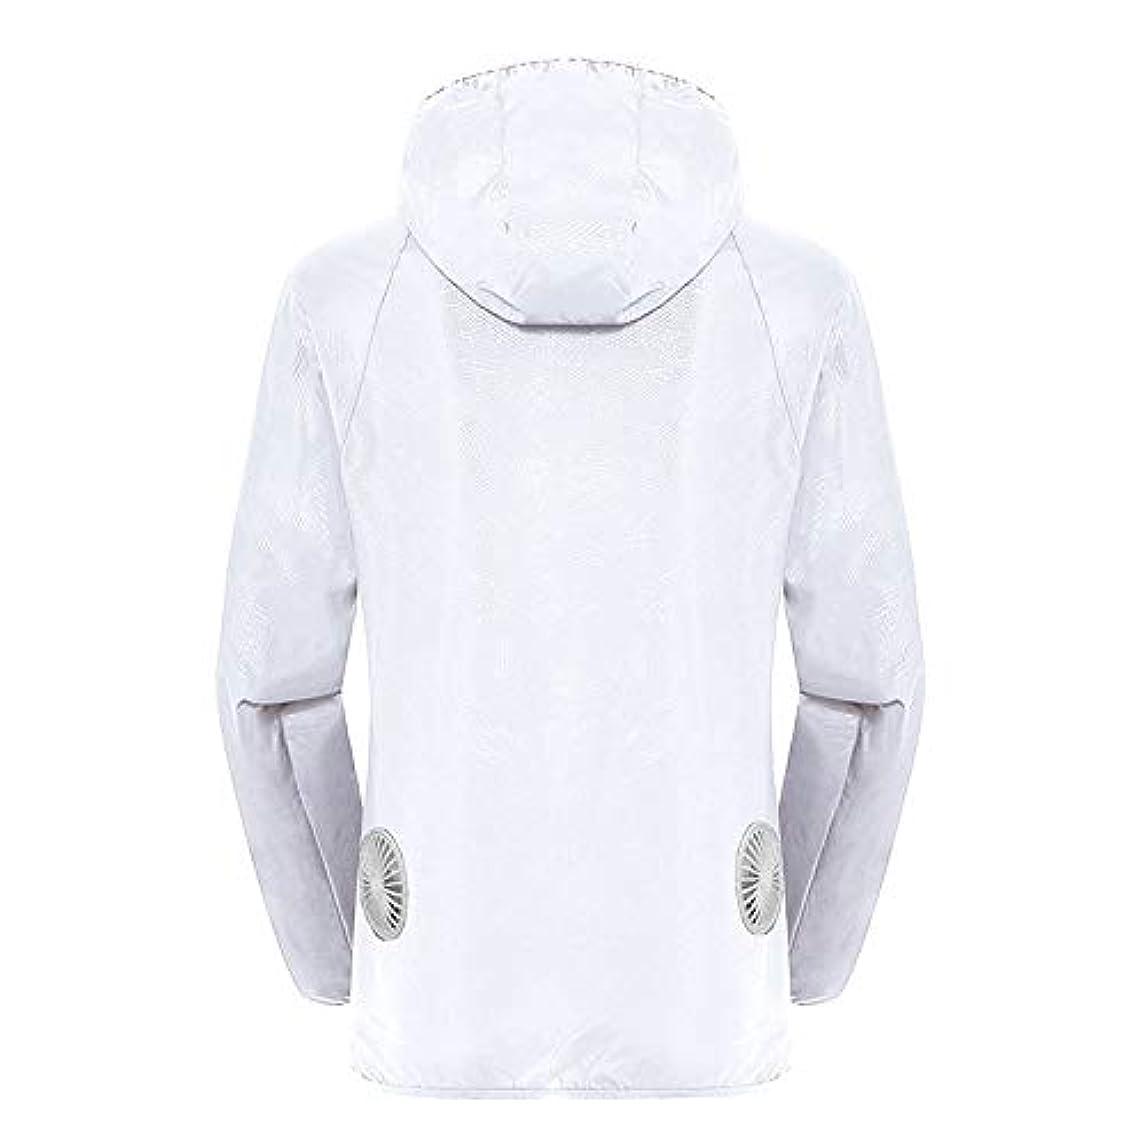 ドキュメンタリー戦争透明に夏のスマート3速エアコンジャケット日焼け止め衣類釣りスーツ水のしぶきの衣服の飛散を防ぐ(充電宝物を含む),White,XXL